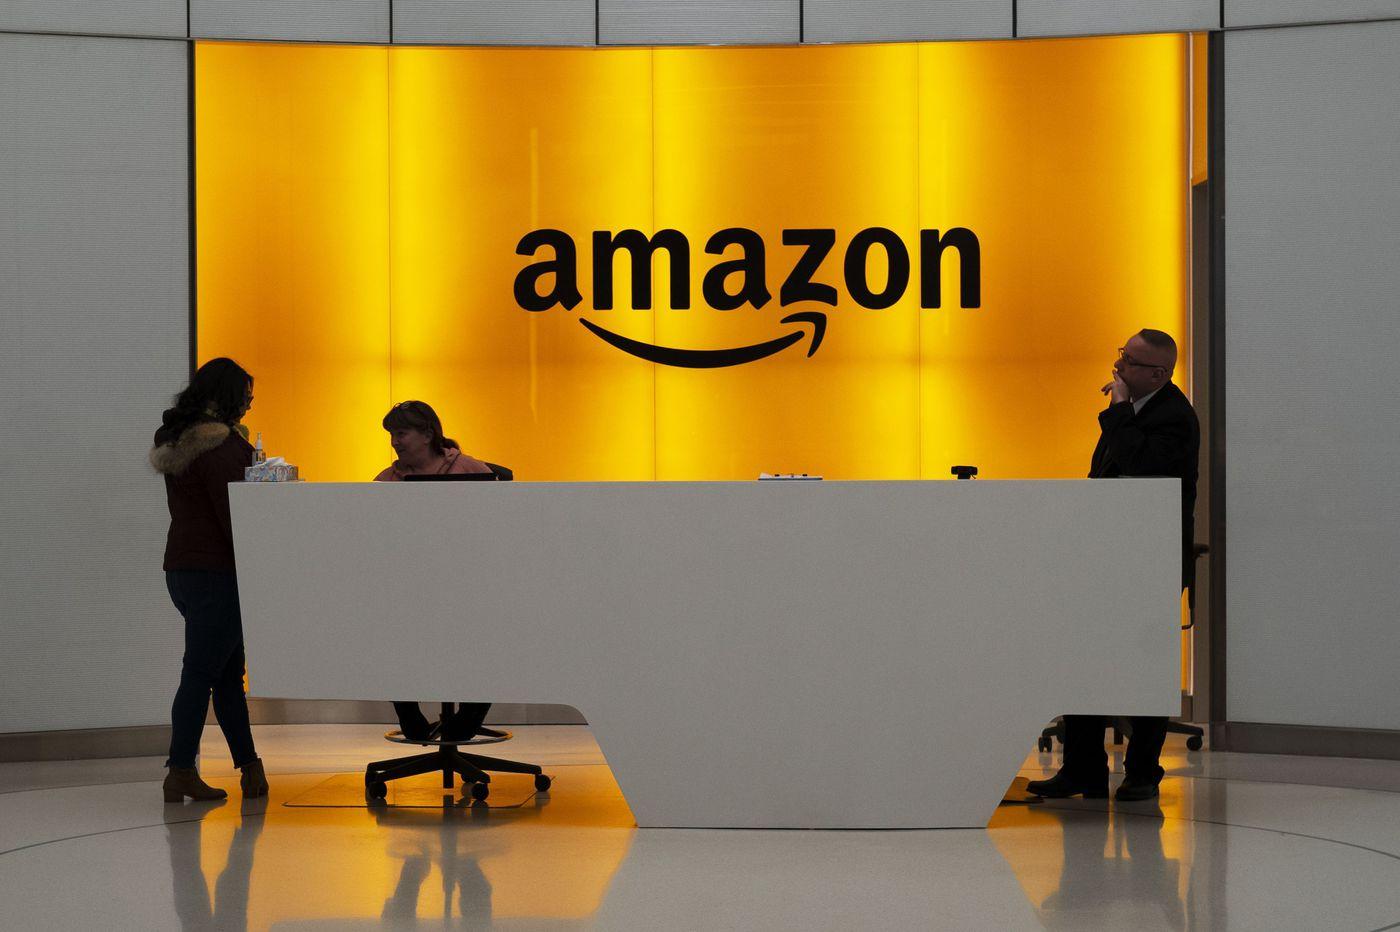 Amazon plans to put warehouses in 1,000 U.S. neighborhoods